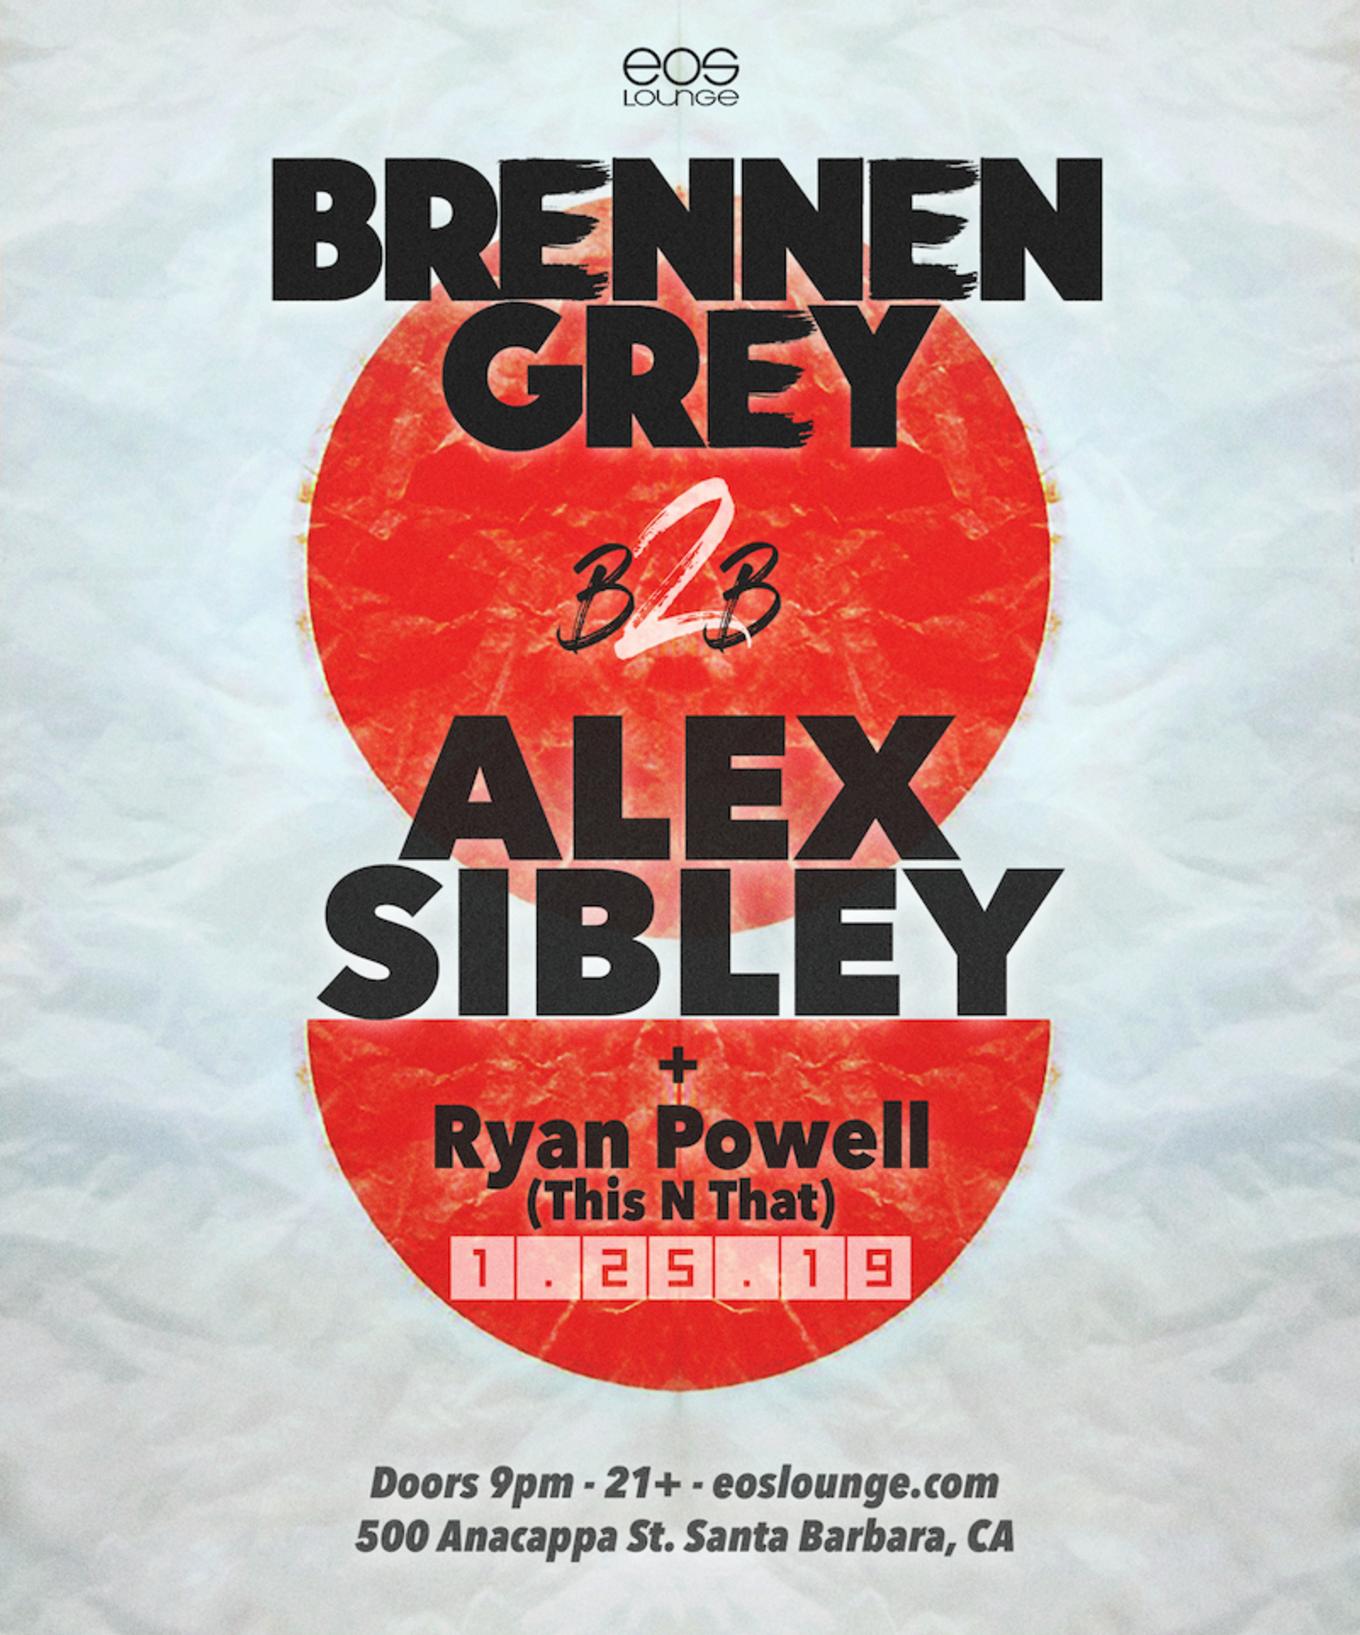 Brennen Grey b2b Alex Sibley at EOS Lounge 1 25 19 - Tickets